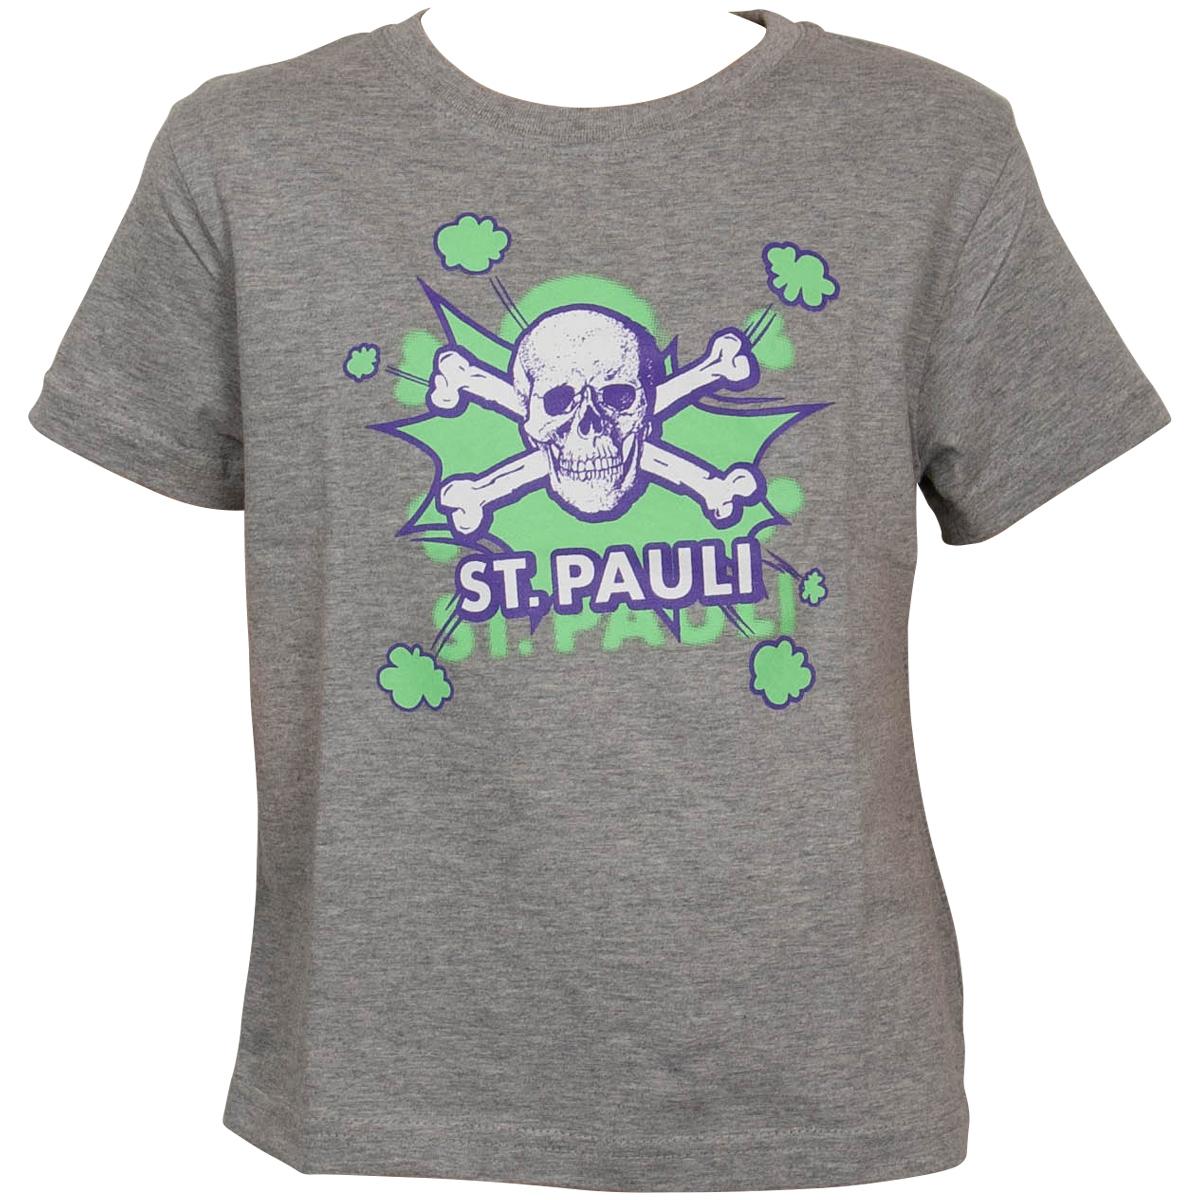 FC St. Pauli - Kinder T-Shirt Totenkopf Pow Grau-Lime - grau